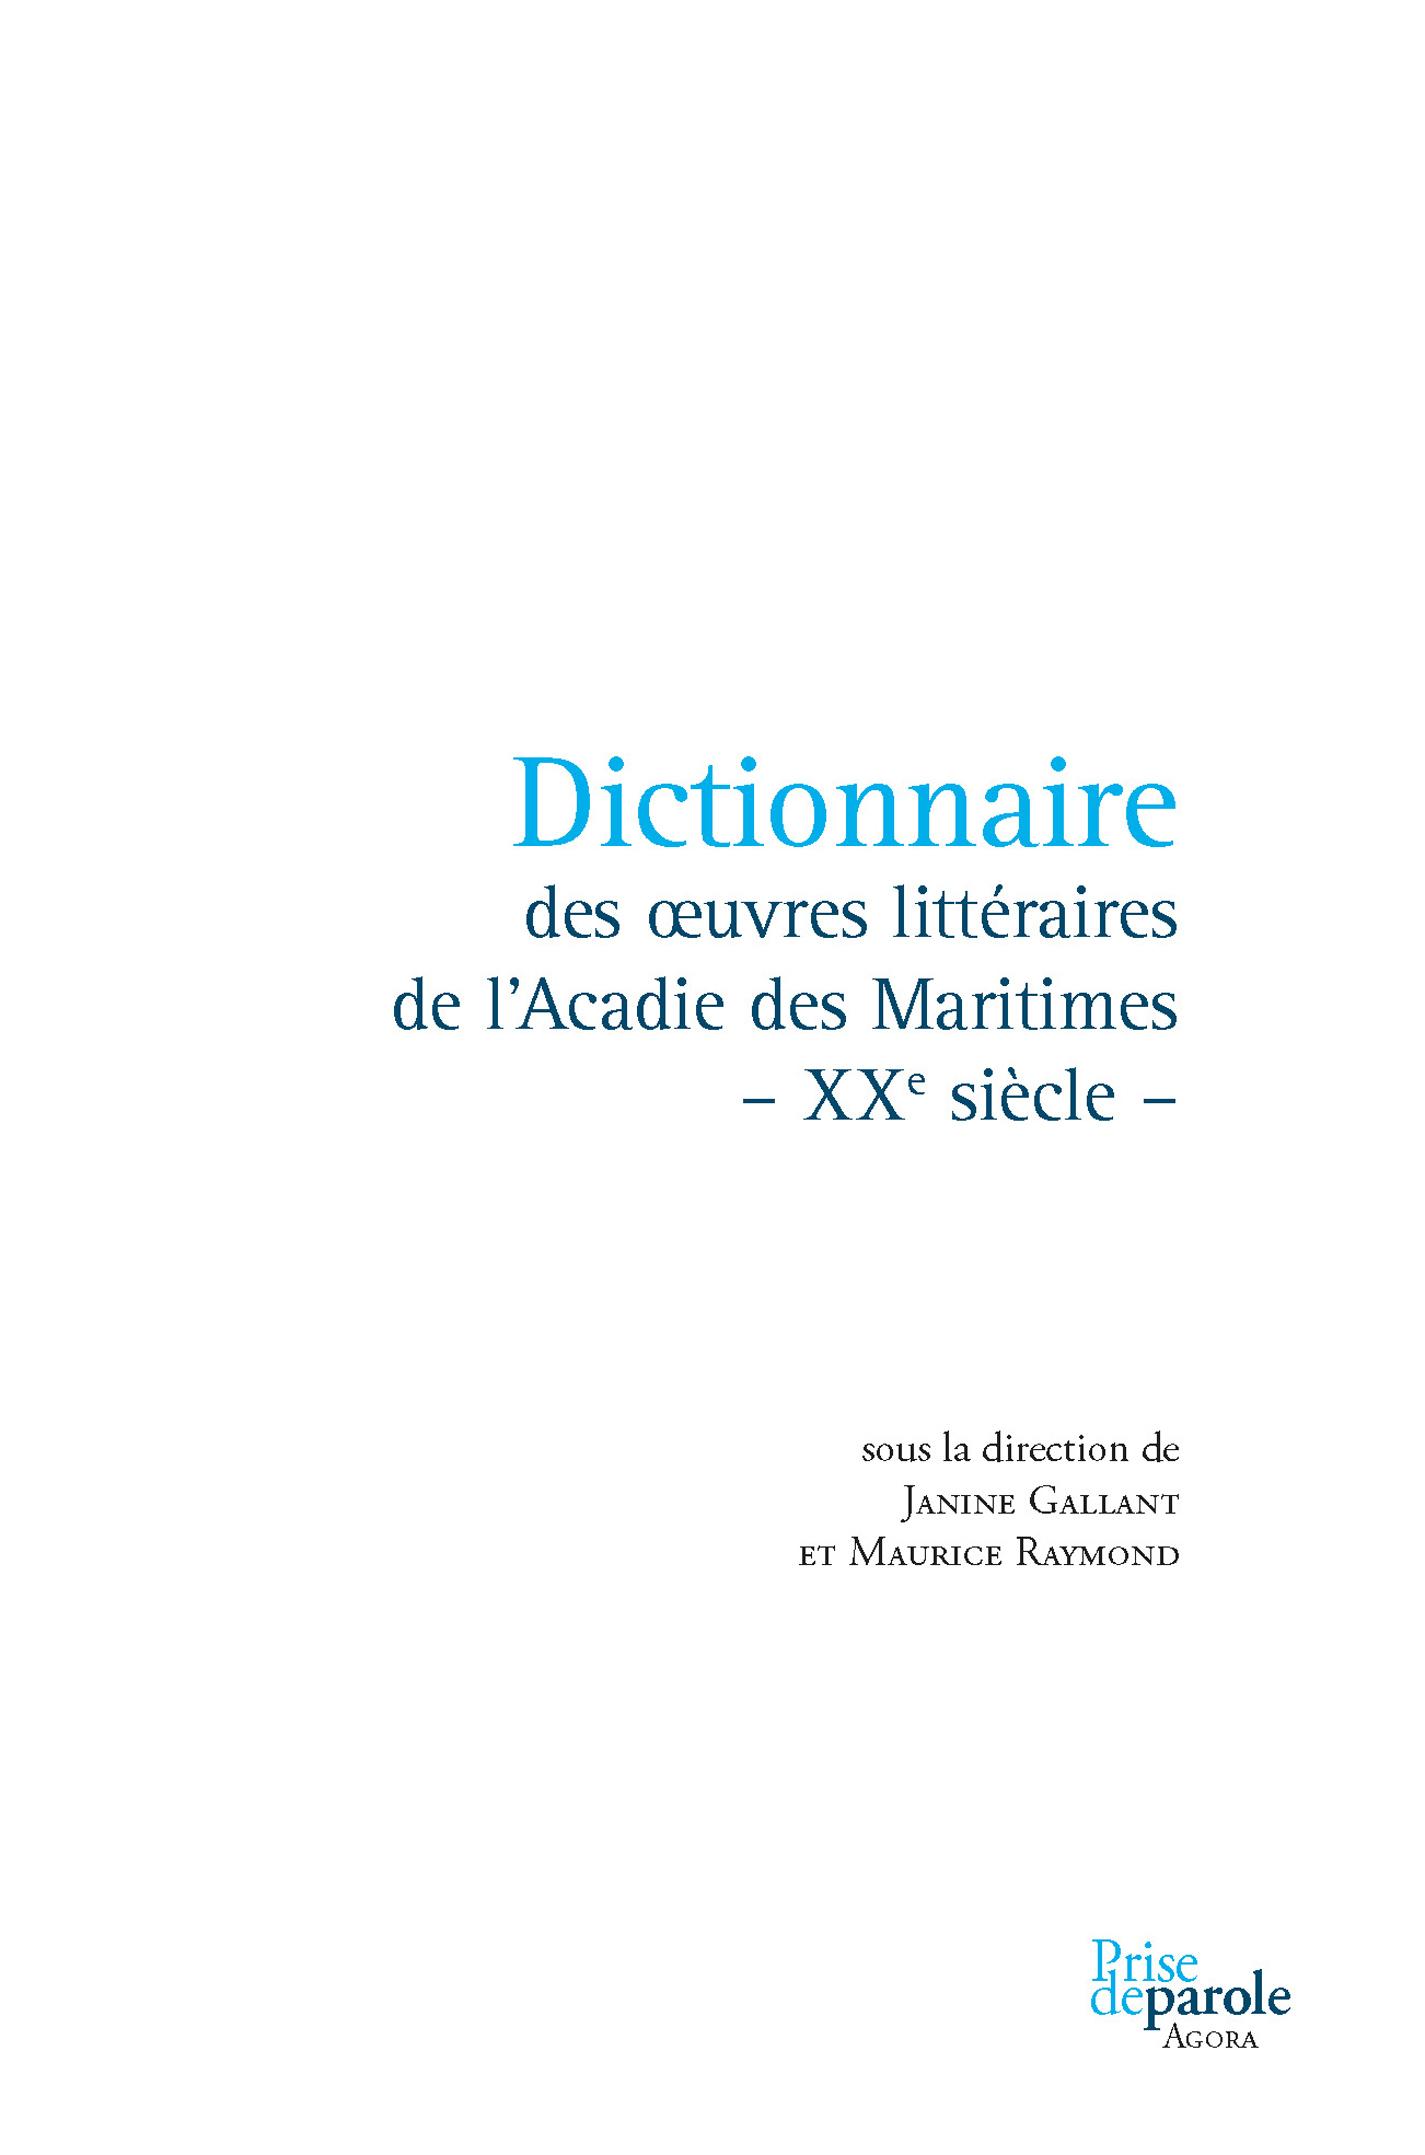 Dictionnaire des oeuvres li...